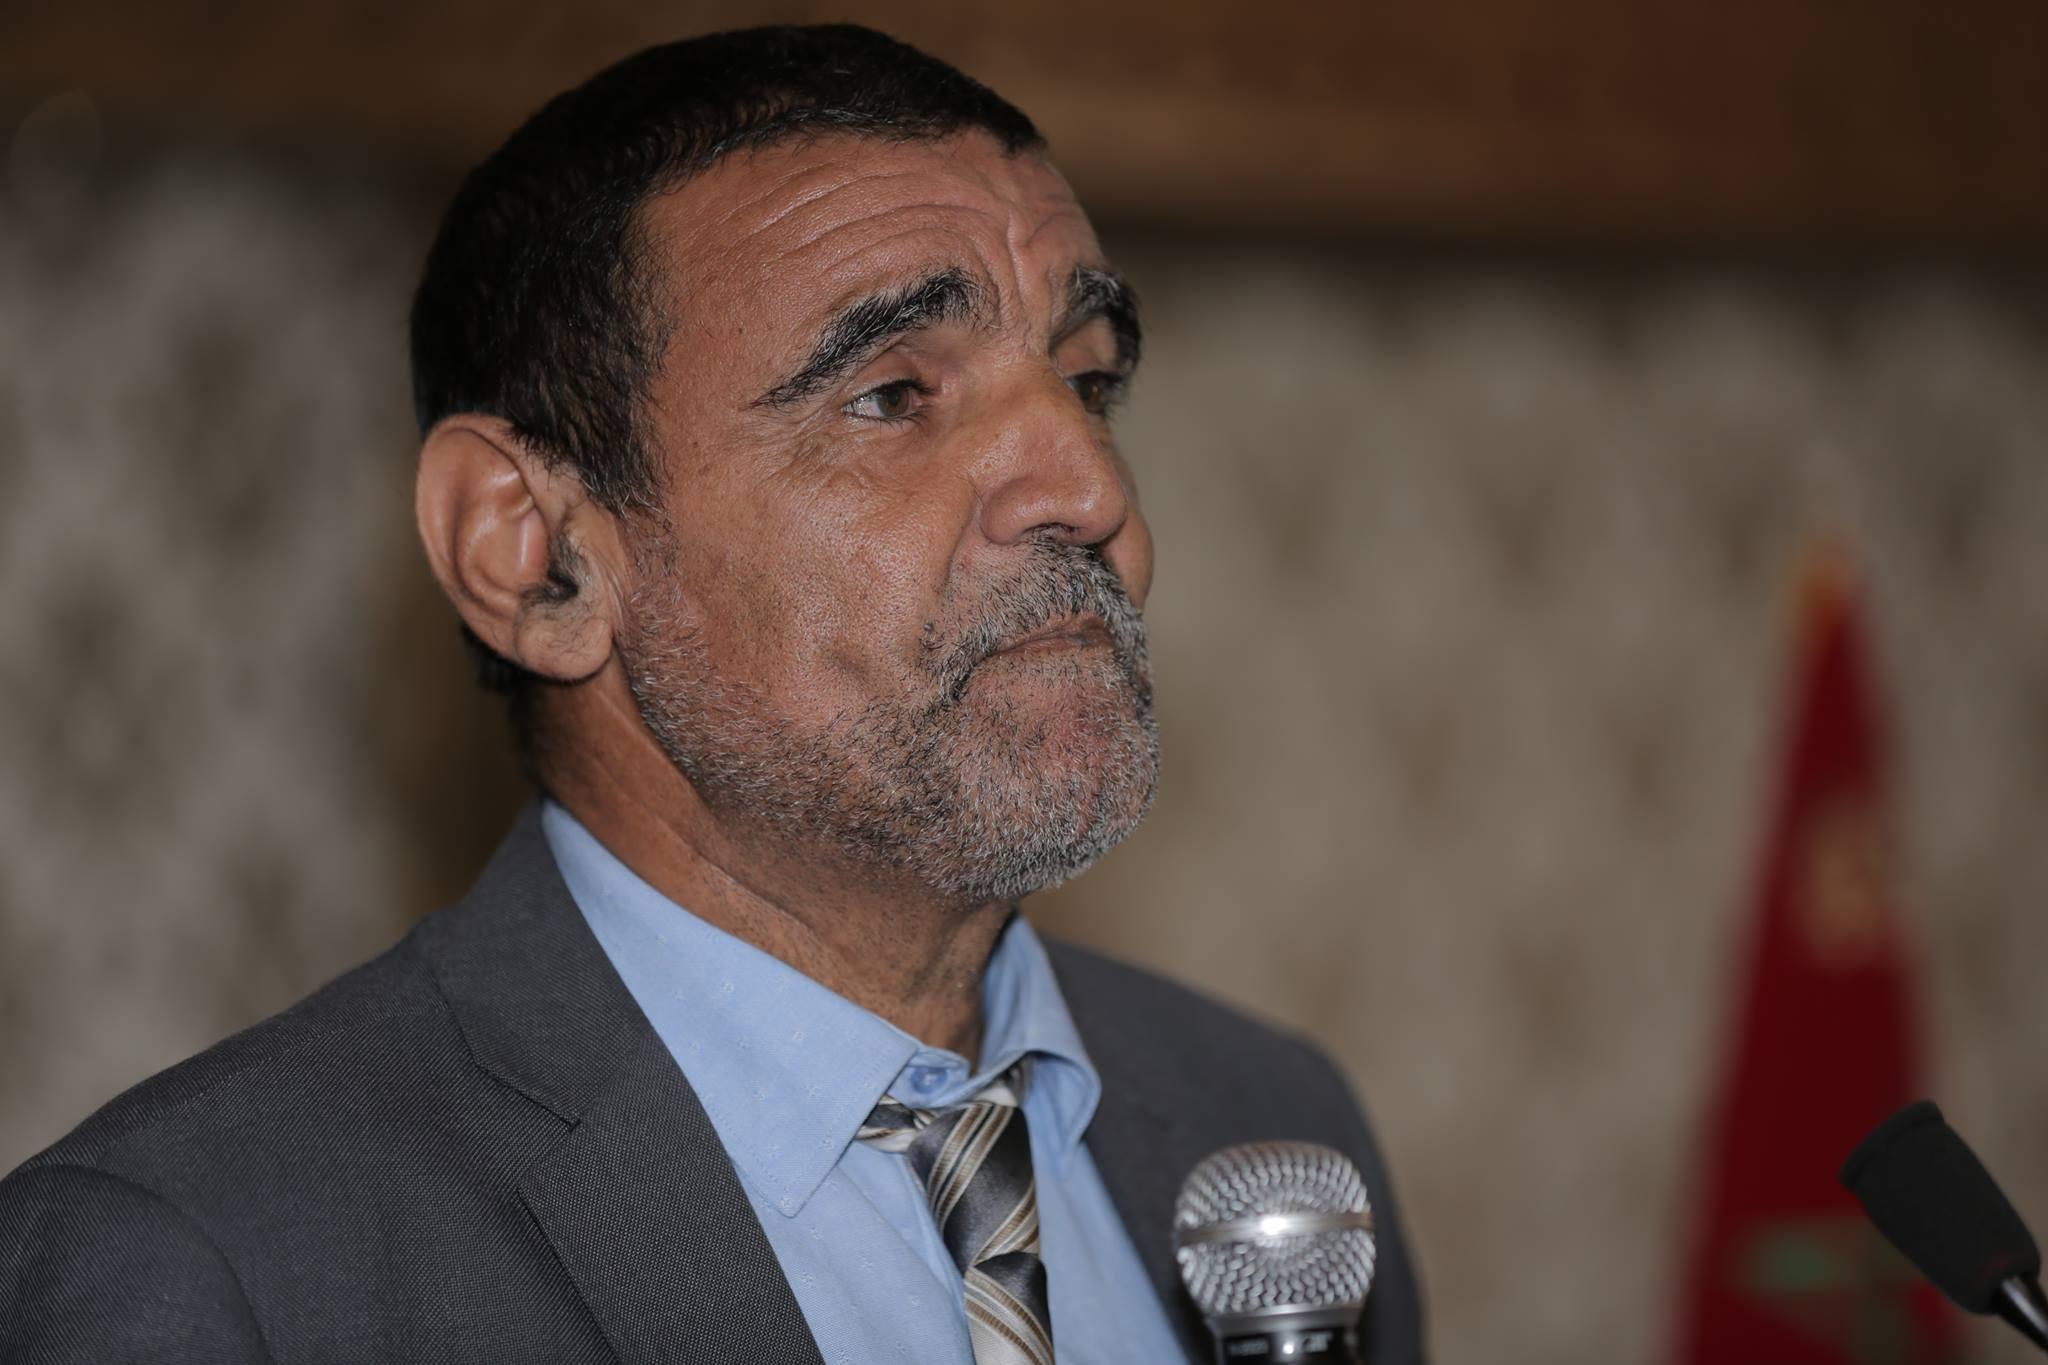 رأي الدكتور محمد الفايد في قضية التغيير الوراثي